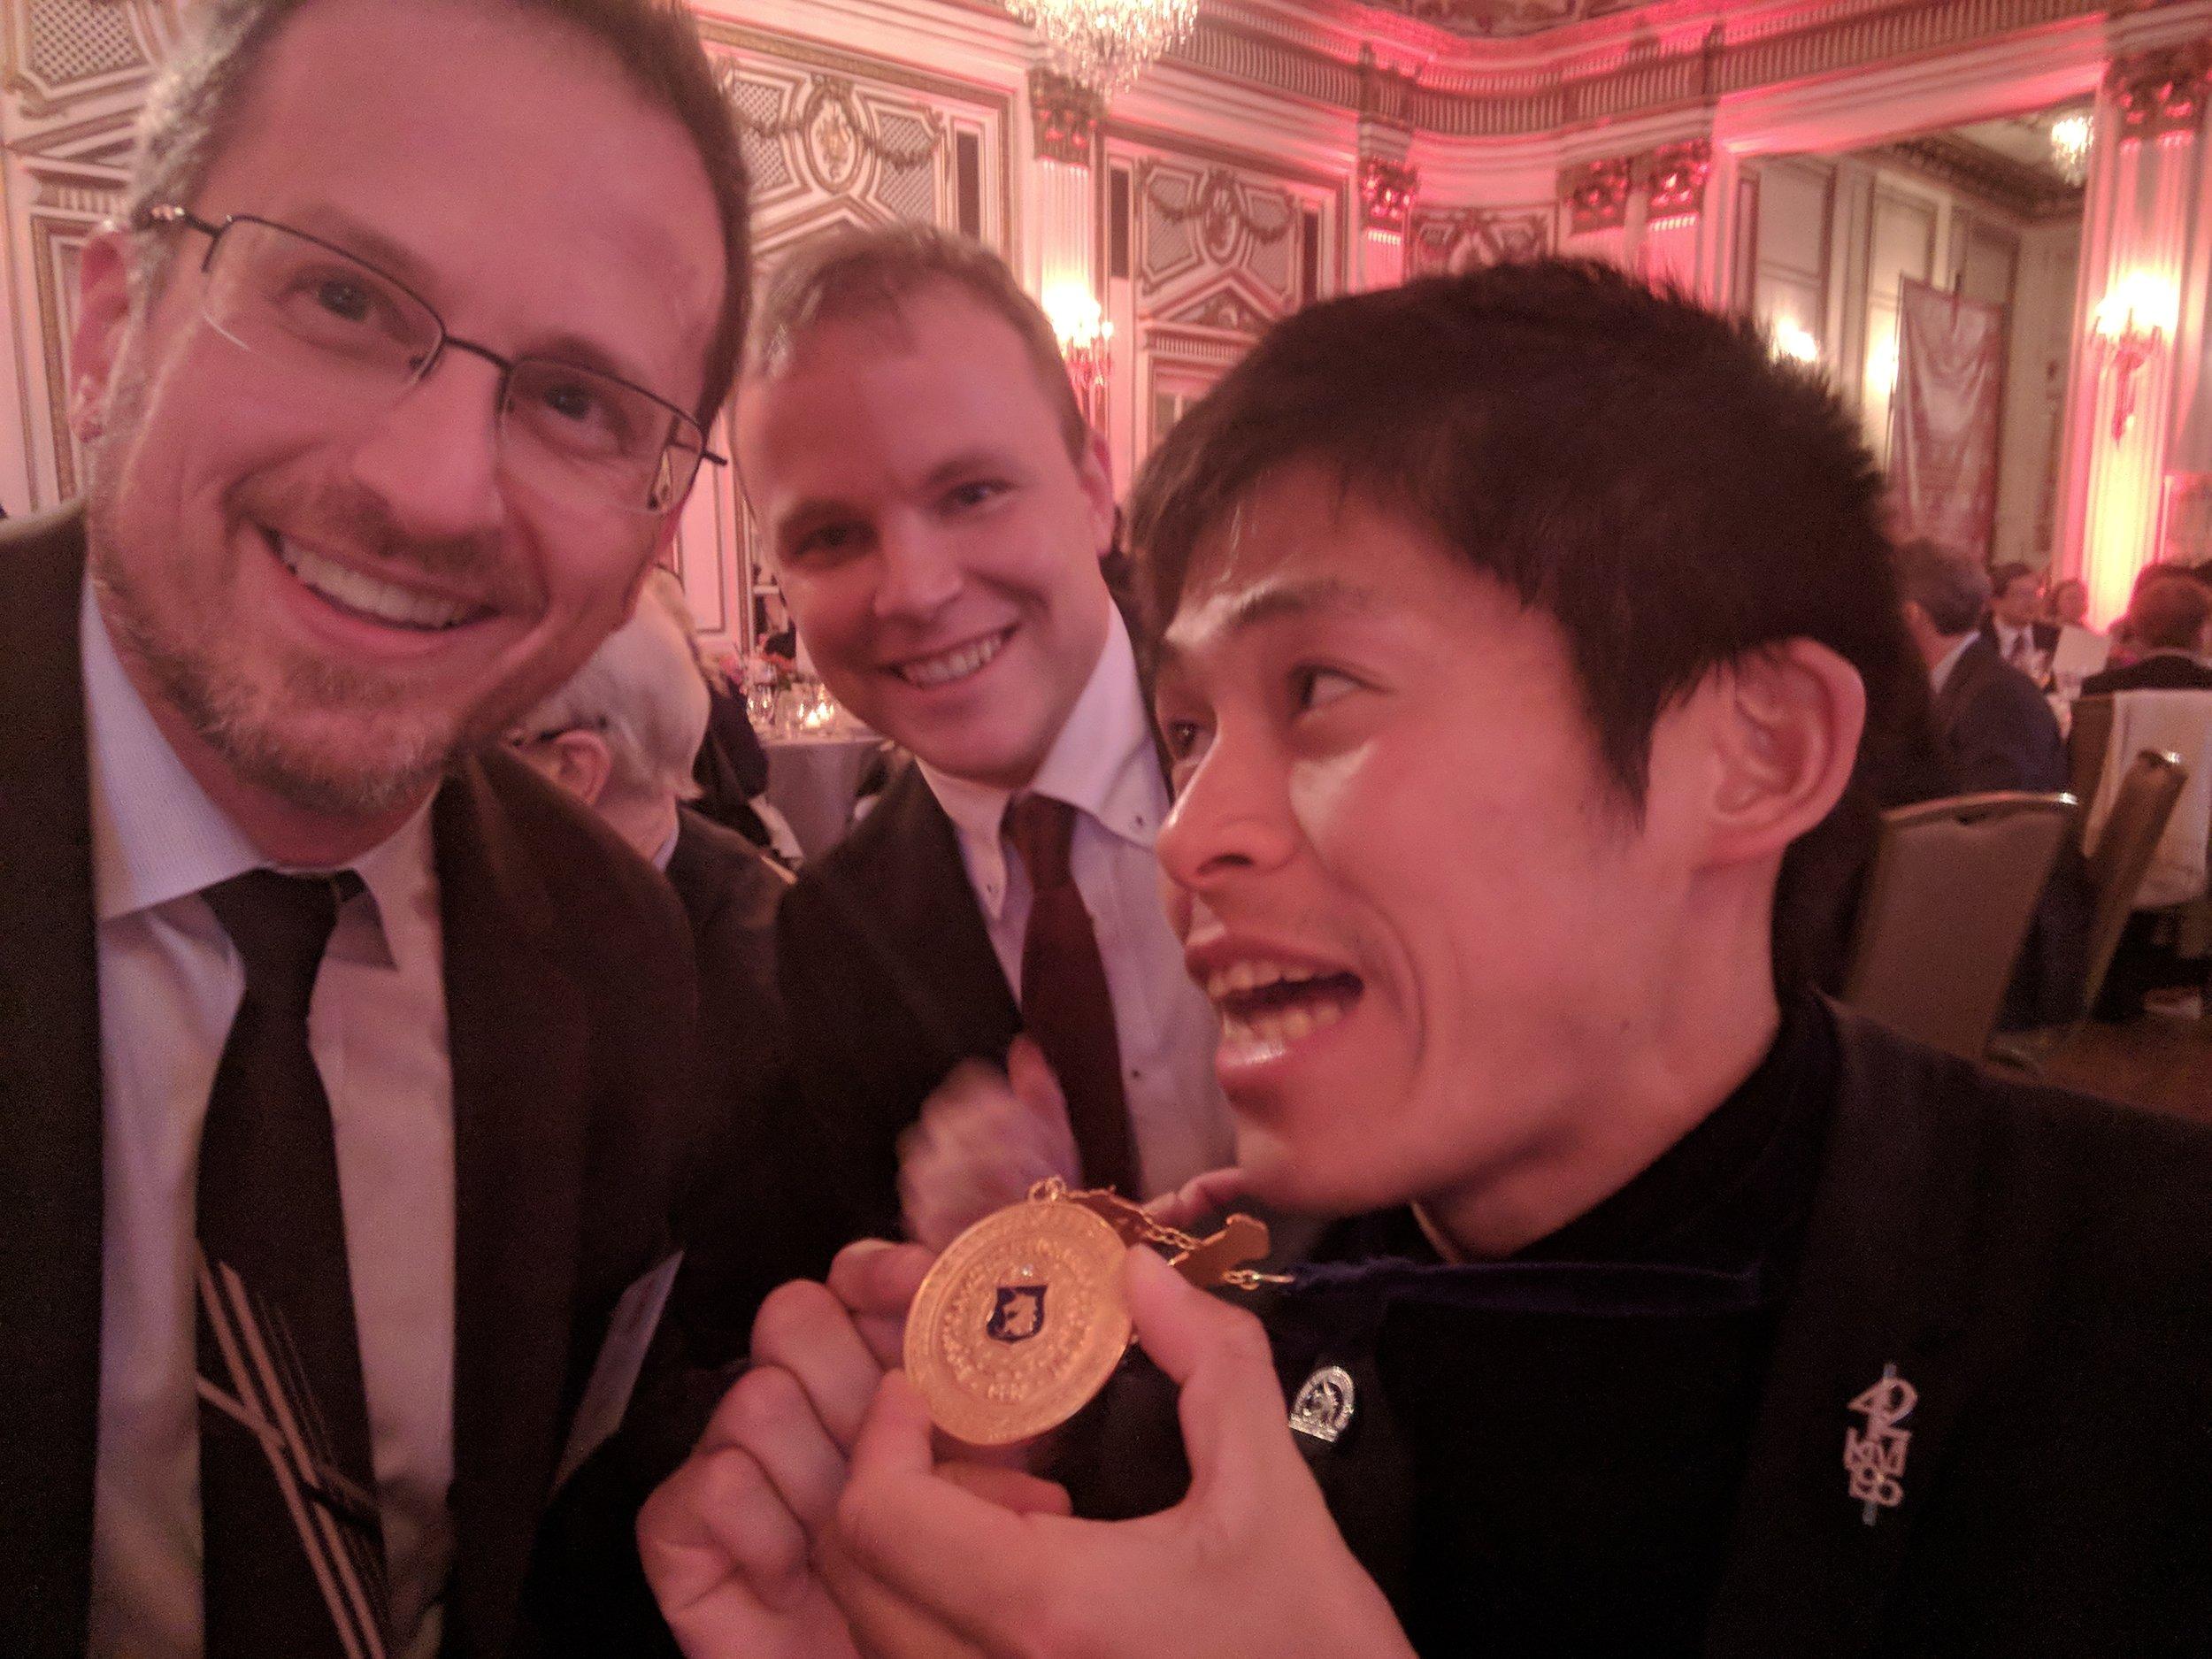 2018年4月ボストン日本協会の毎年恒例のガラにて、ボストンマラソンの優勝者川内優輝選手とエリックとスペンサ